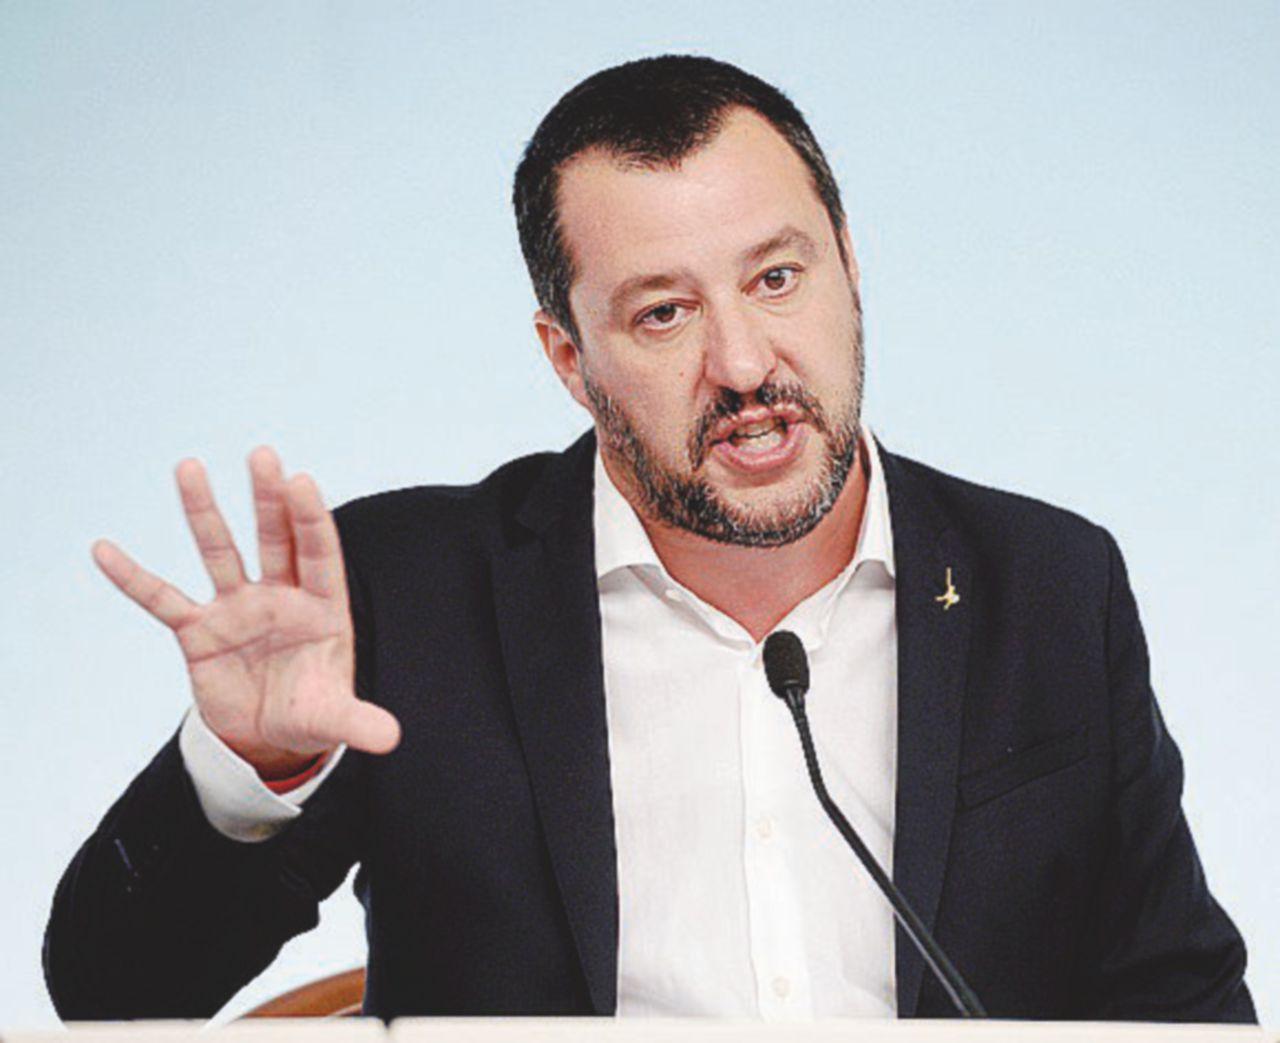 Fondi della Lega, i pm genovesi potrebbero interrogare l'ex segretaria di Bossi